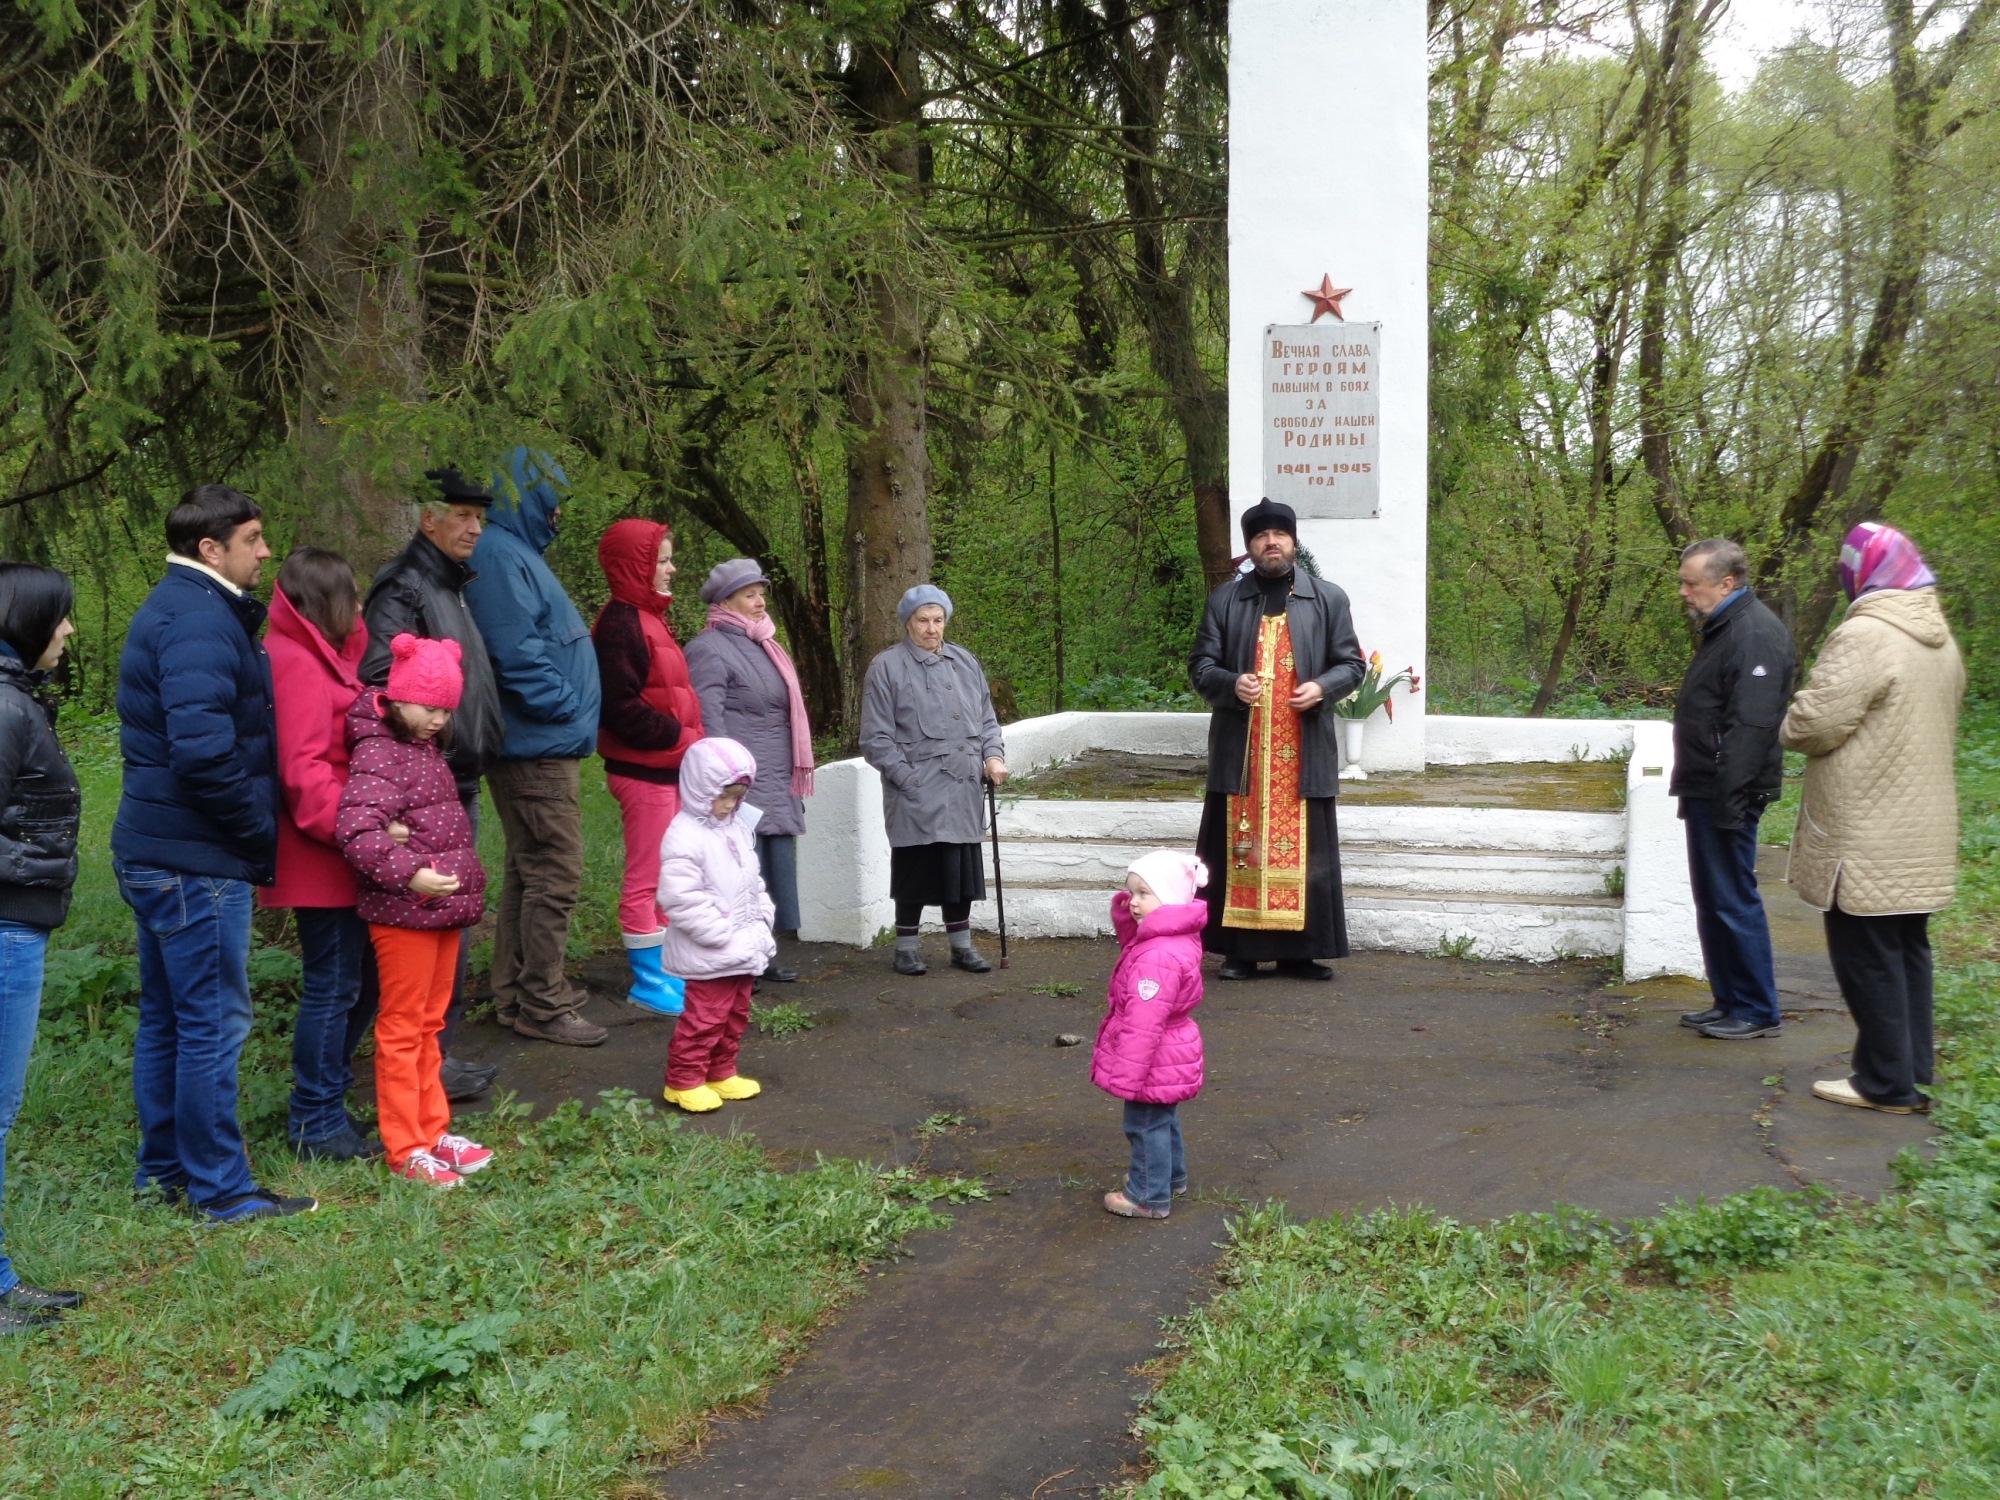 Заупокойная лития у воинского мемориала в деревне Туменское